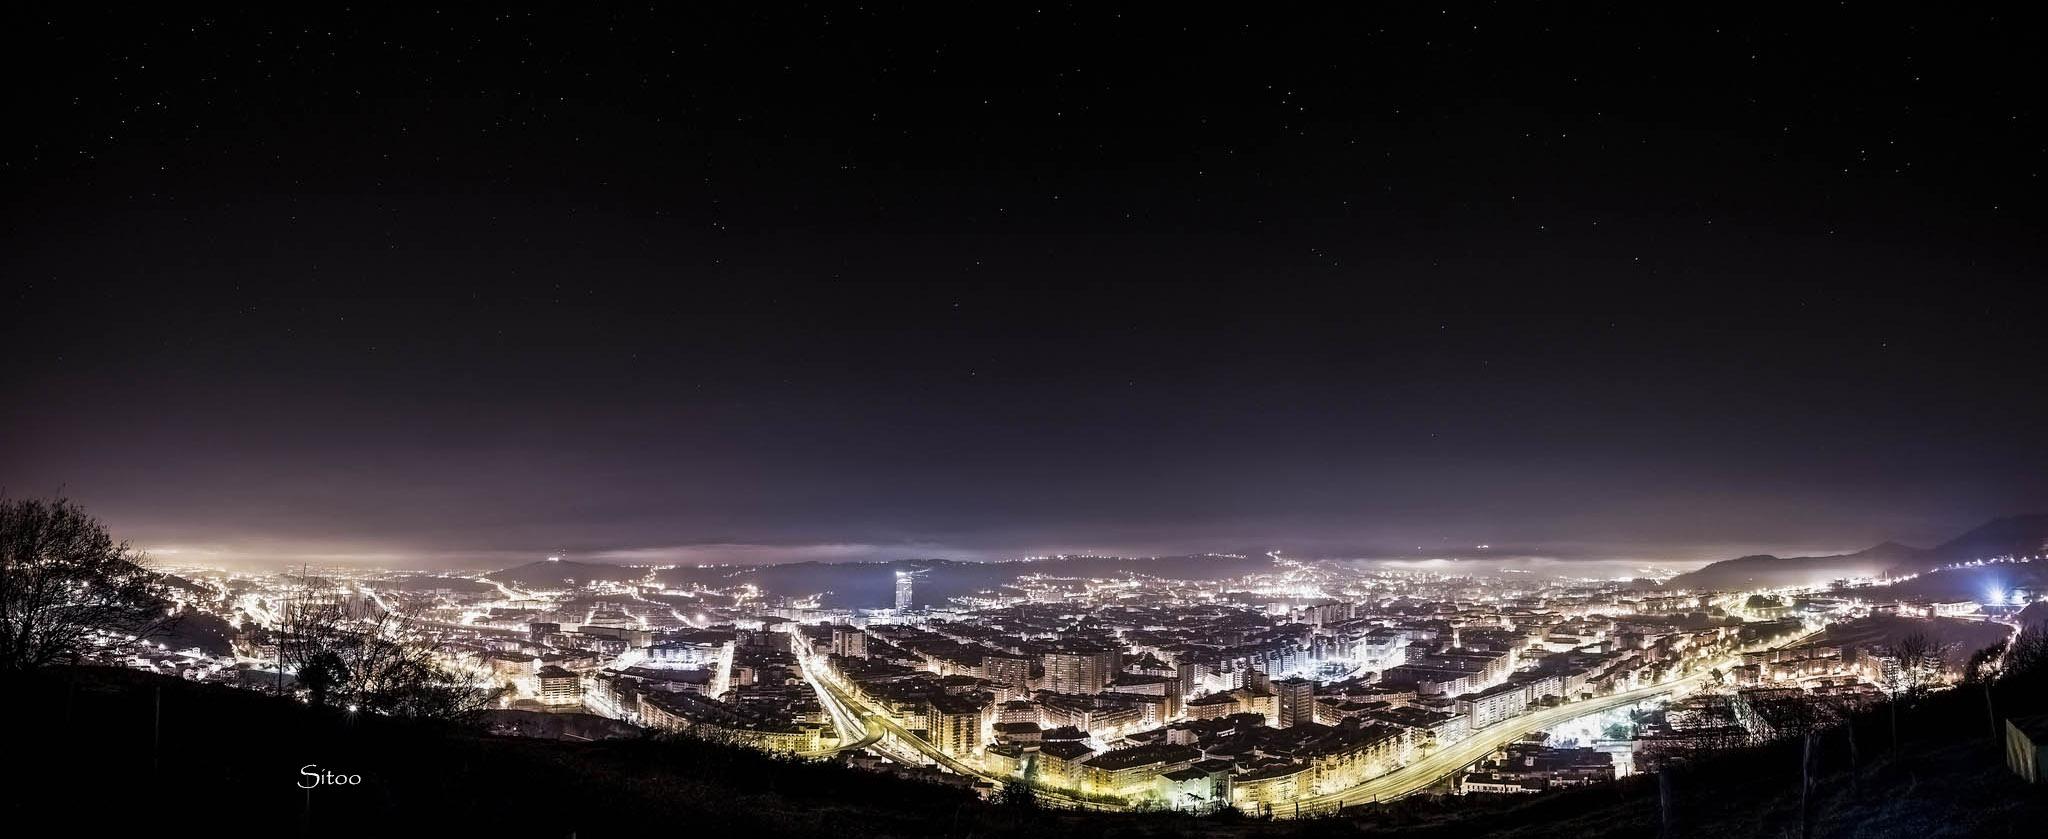 Global Shapers Bilbao Home